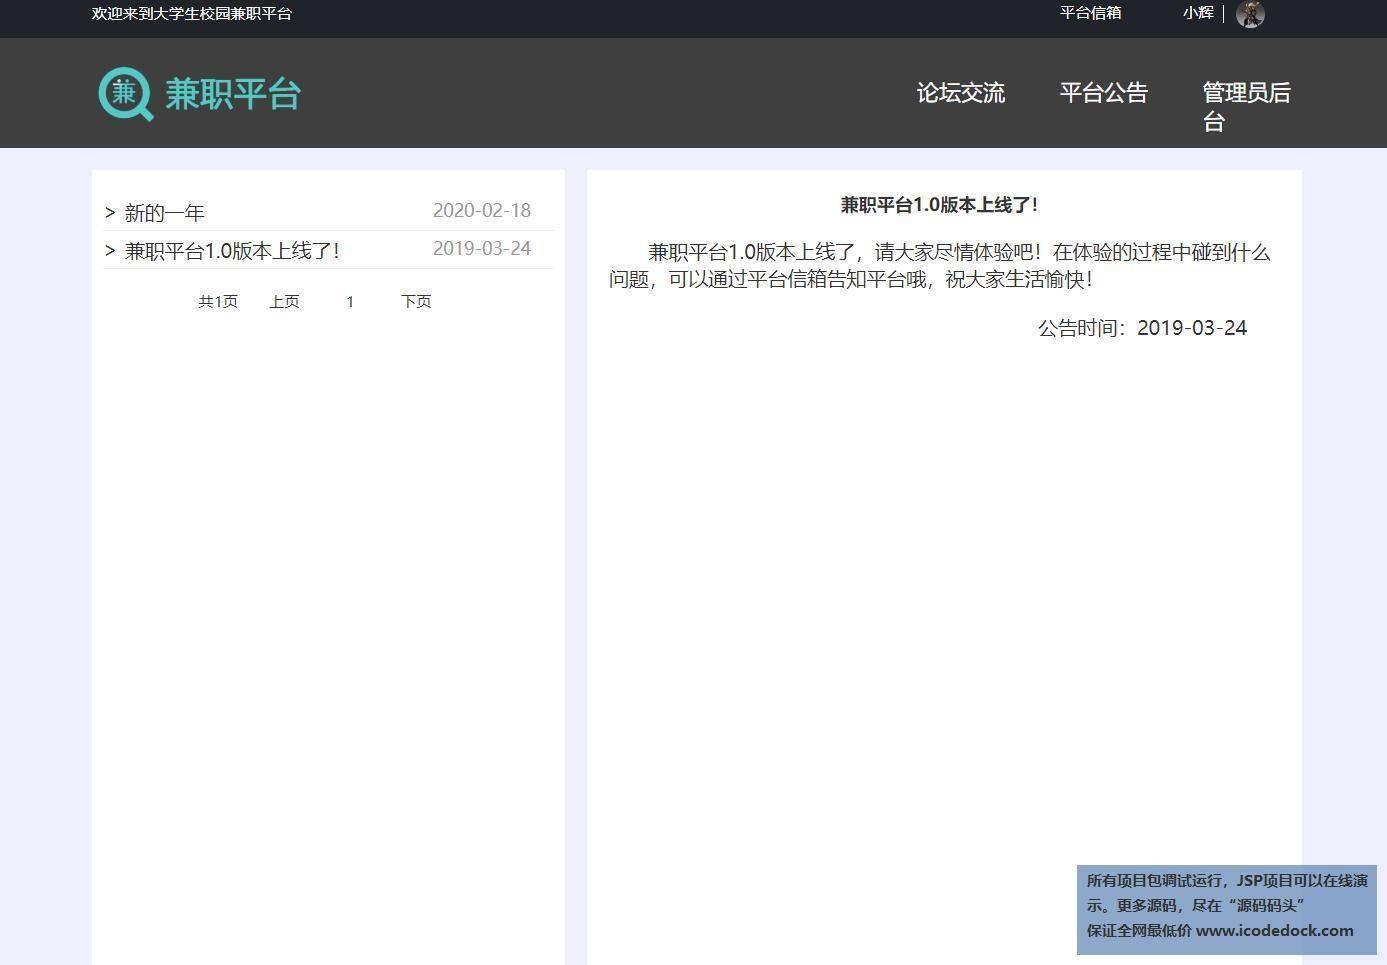 源码码头-SSM学生兼职项目网站-用户角色-平台公告